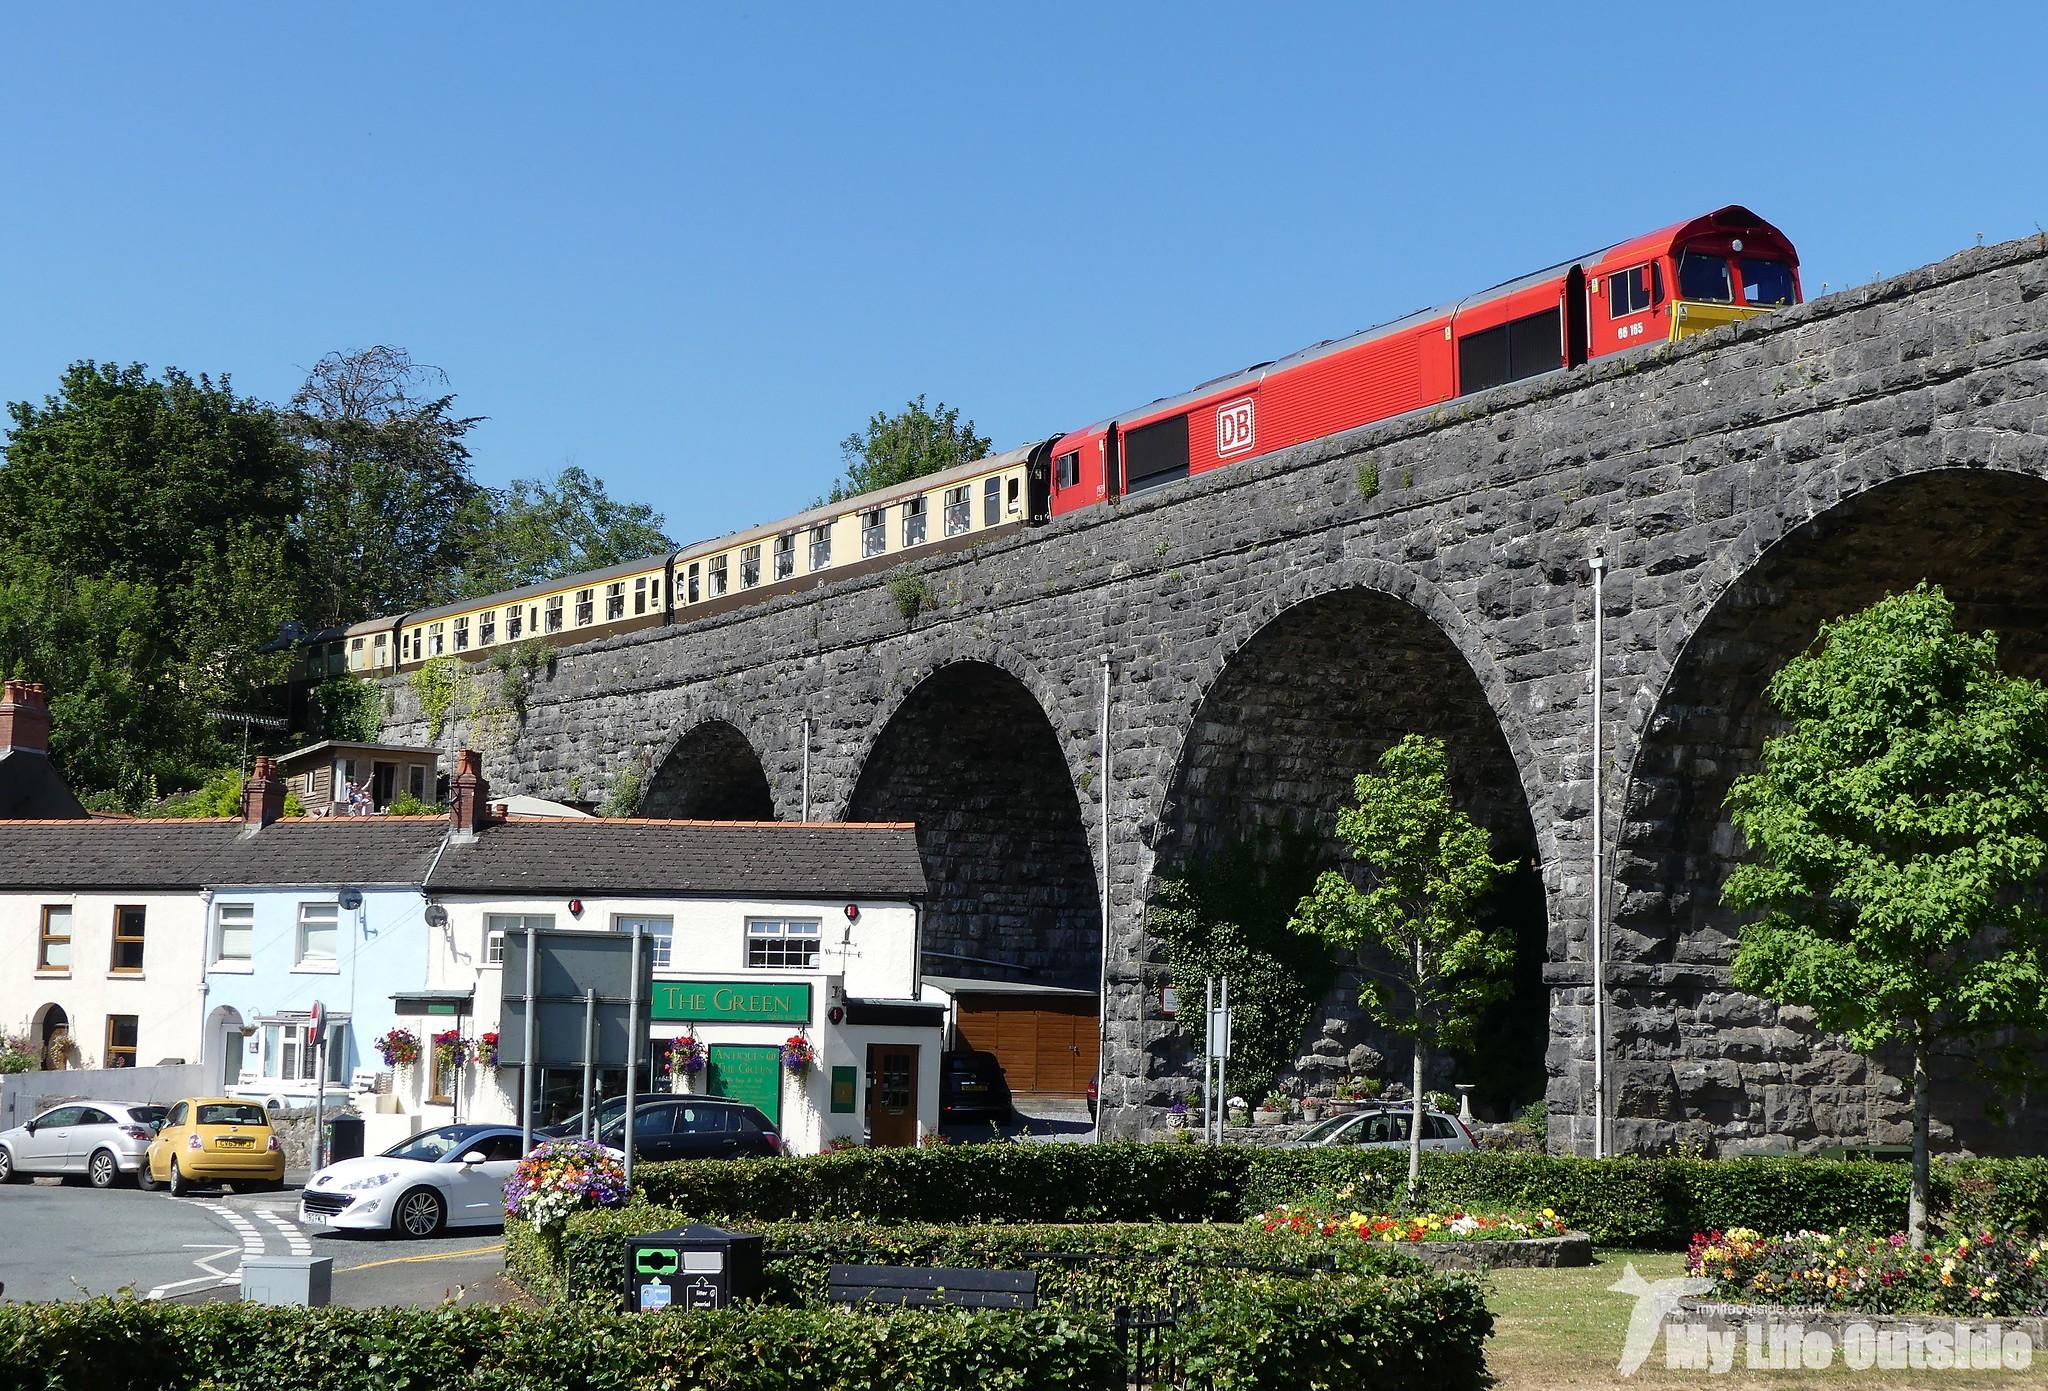 P1210481 - Pembroke Coast Express